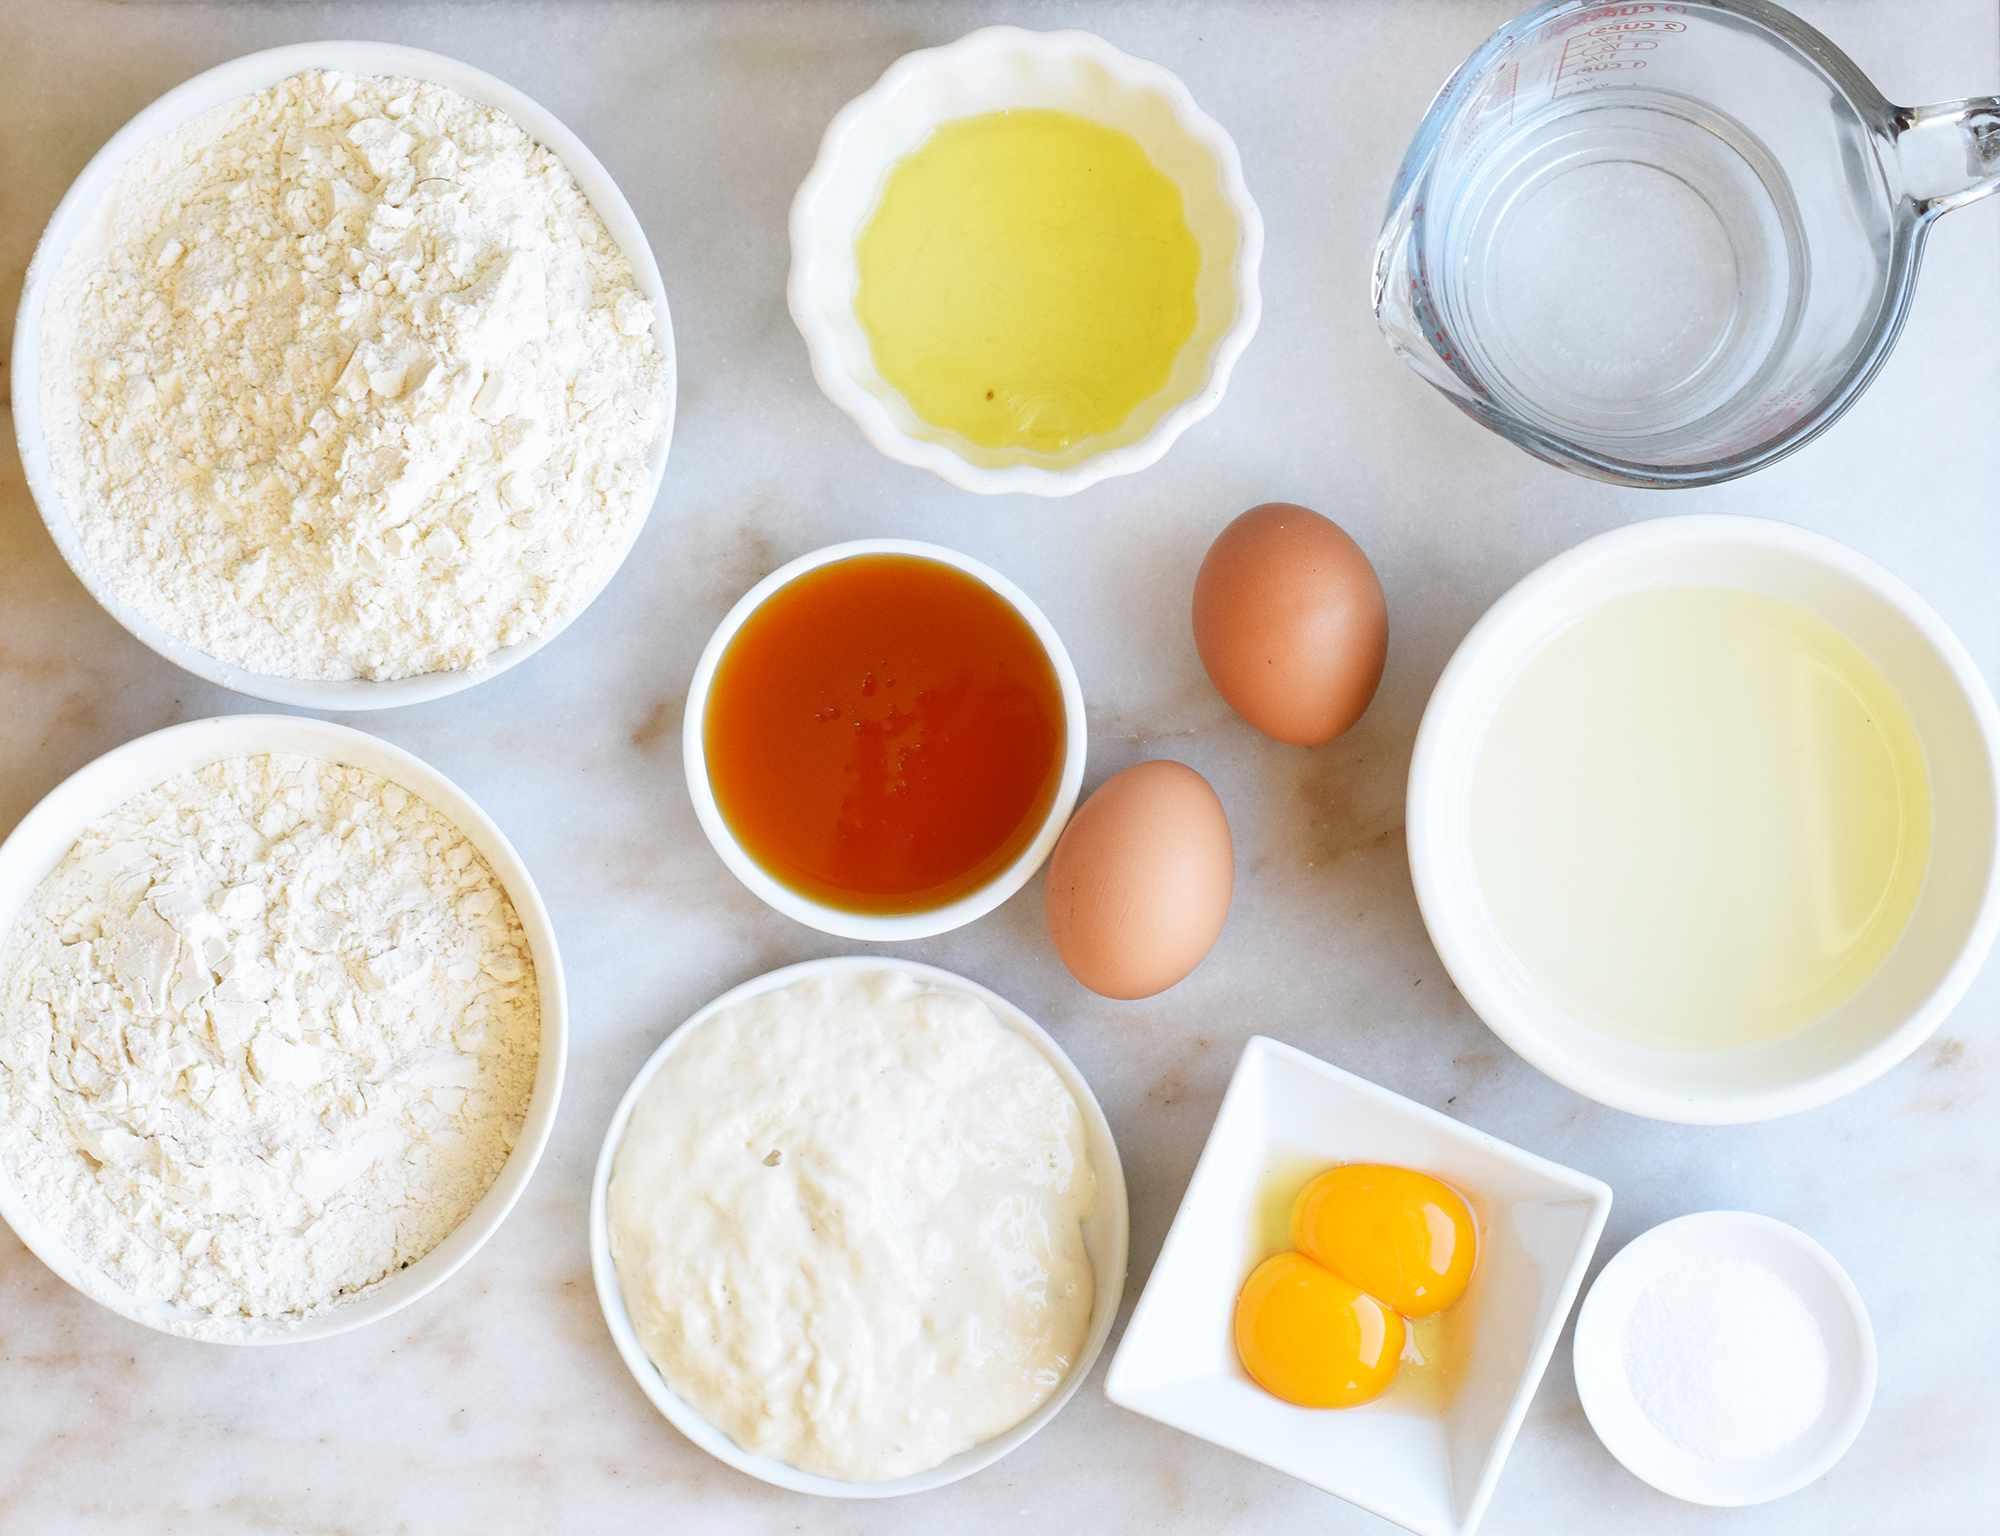 sourdough challah ingredients.